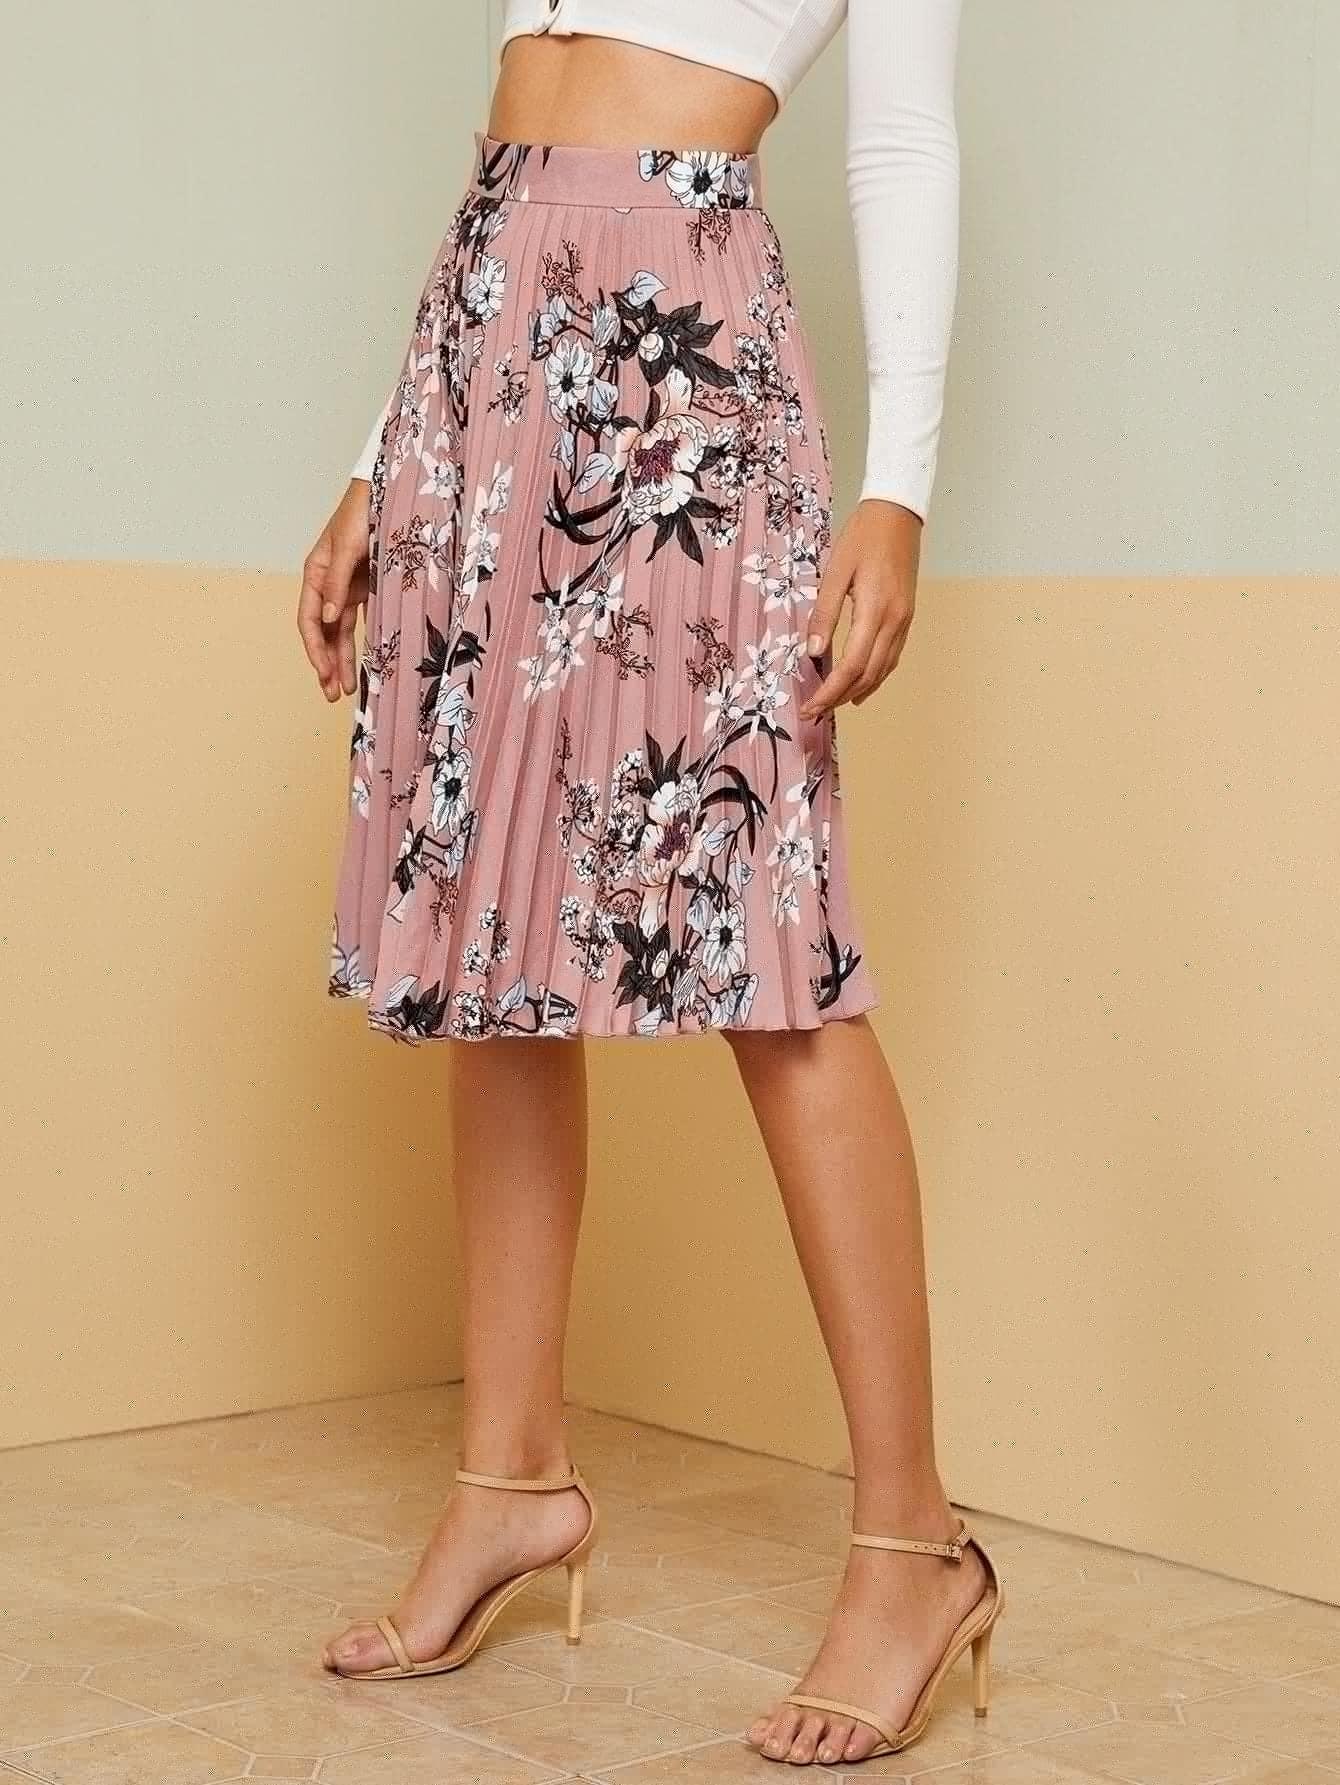 SHEIN / Falda fruncido con estampado floral de cintura ancha